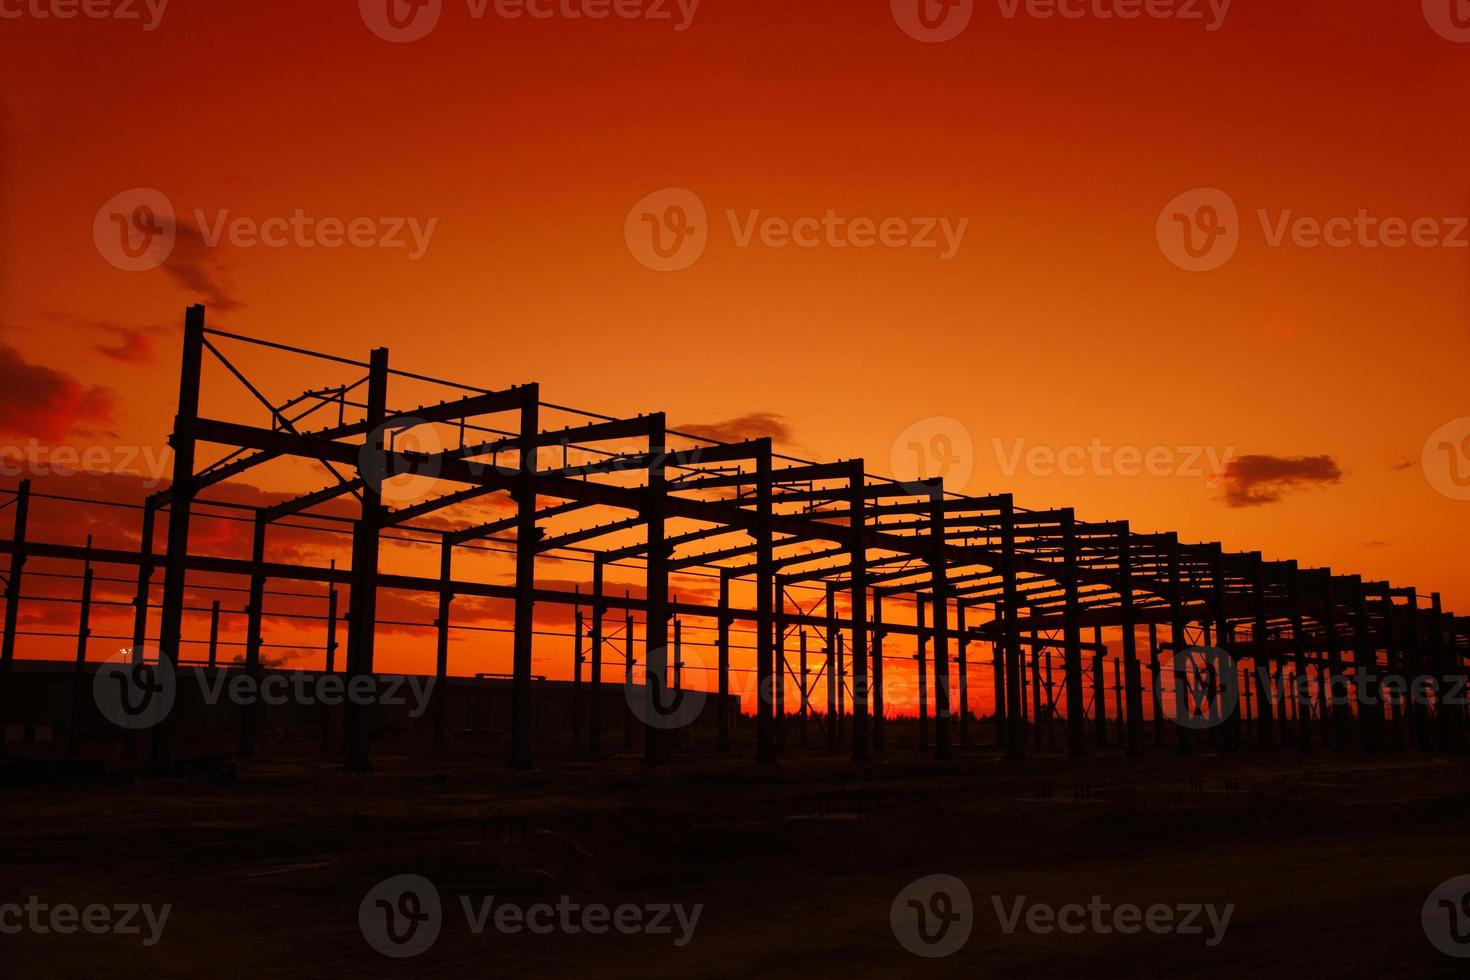 la silhouette della struttura in acciaio foto